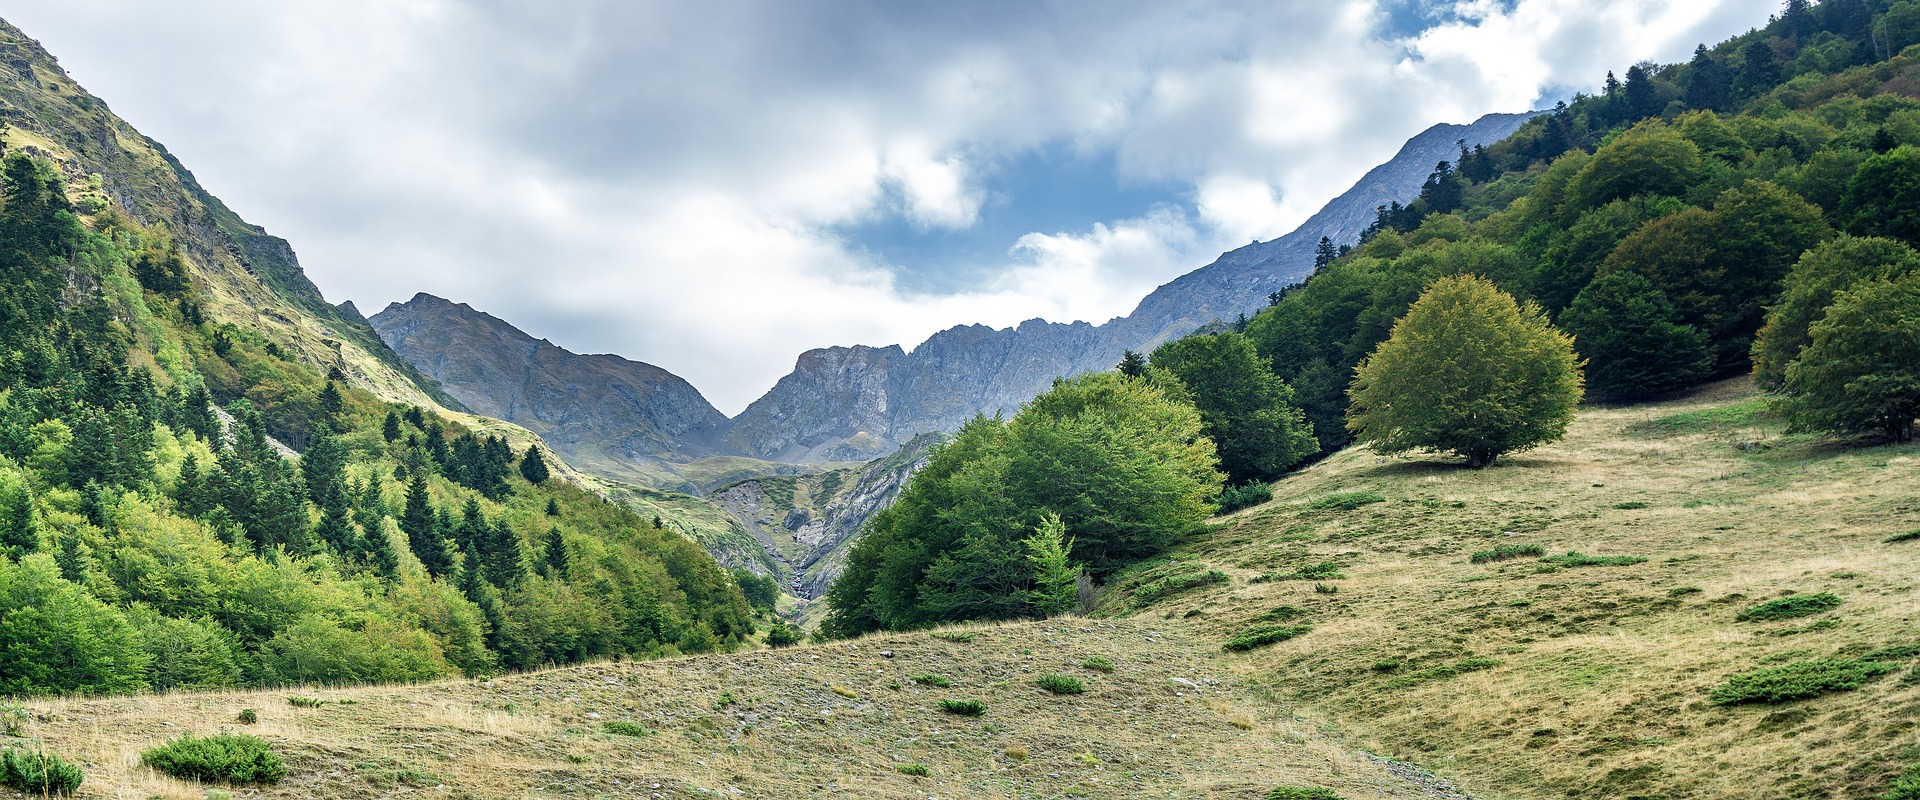 höchster berg der pyrenäen